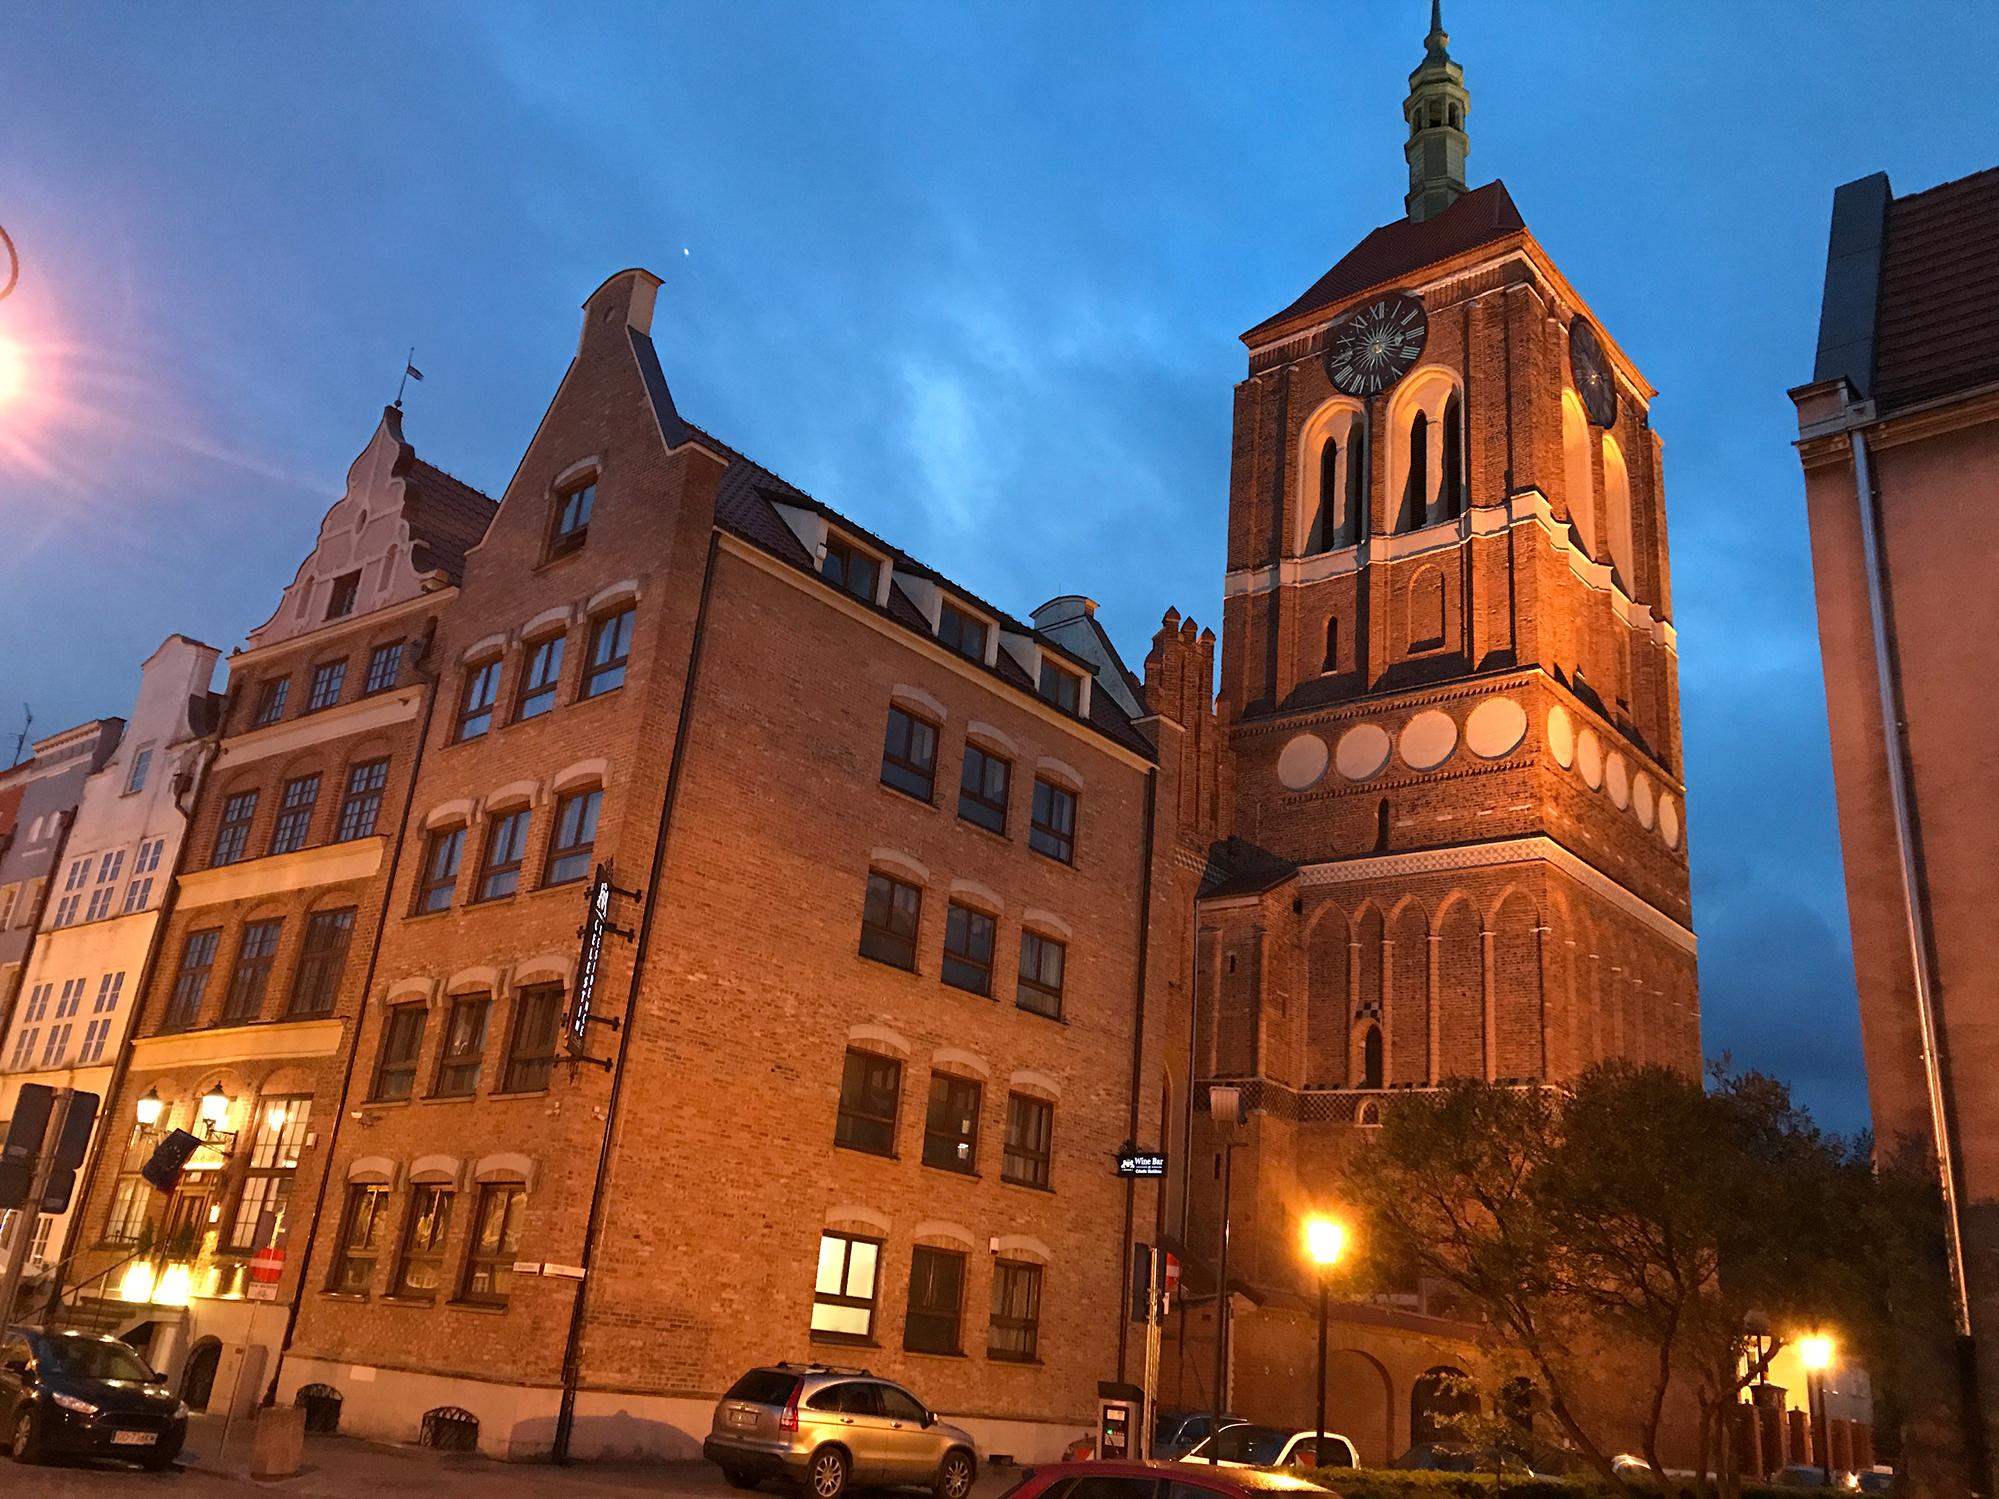 Kościół św. Jana (St John's Church), Gdańsk